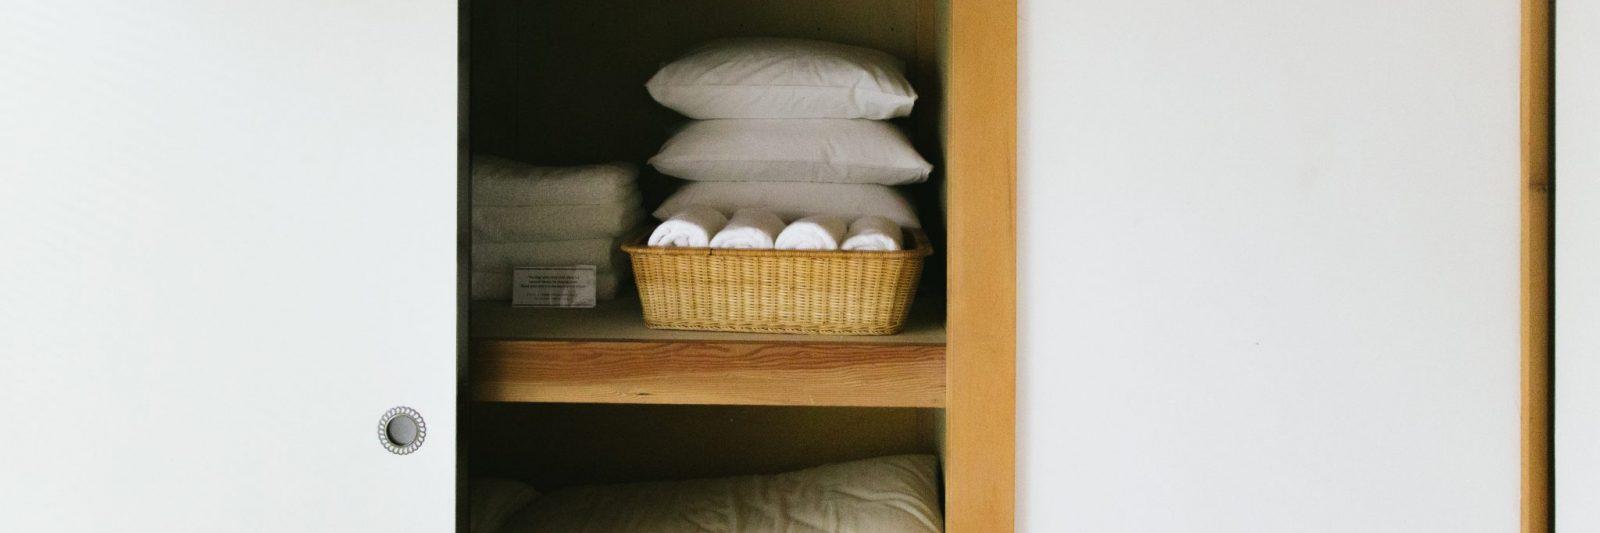 Coya Cottage Kisami Ohama Shimoda Izu sheets and towels